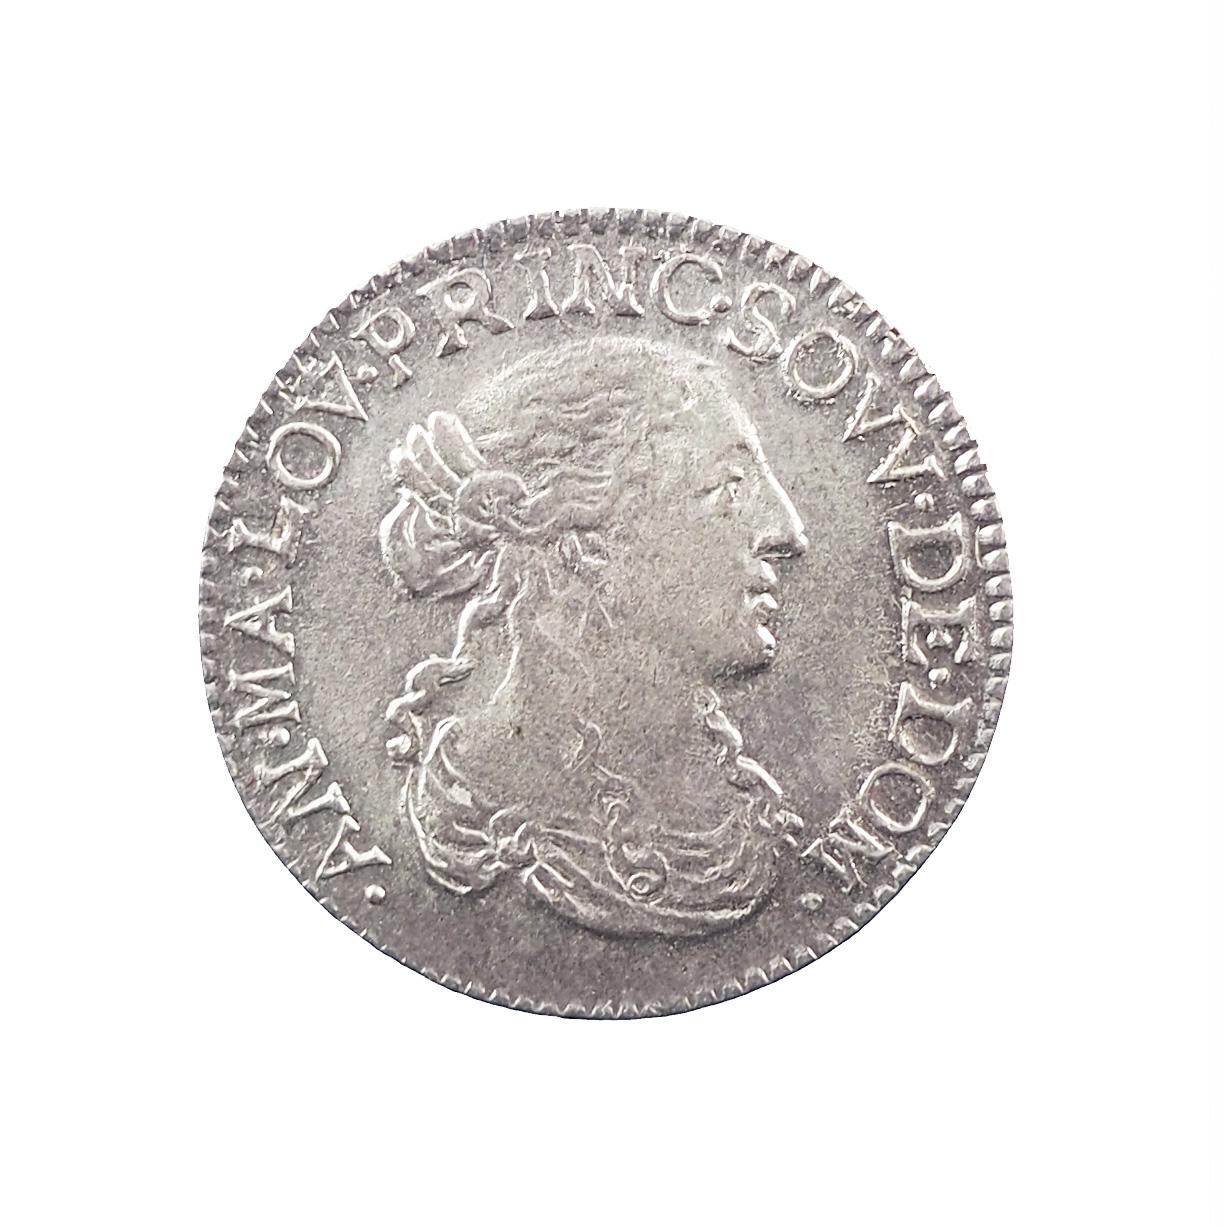 Dombes, Anne-Marie-Louise d'Orléans, 1/12 écu 1665, SUP, Bd. 1106